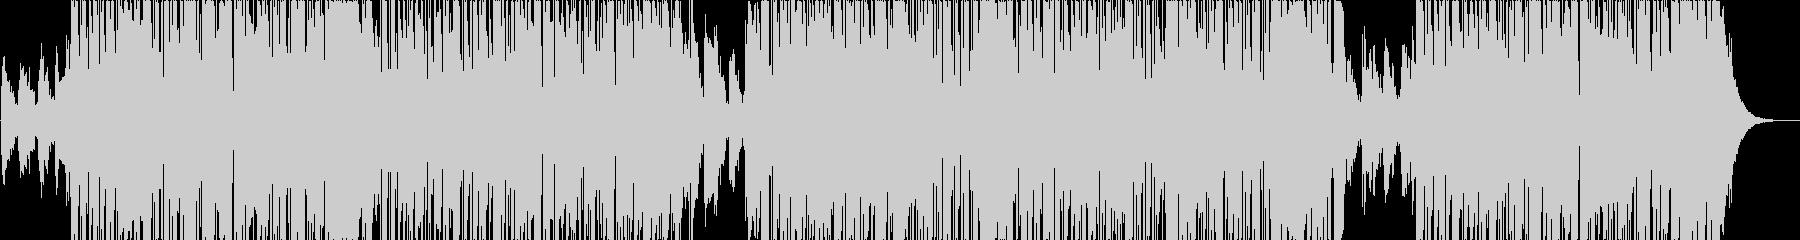 映像用ゆったりポップなスムースジャズの未再生の波形